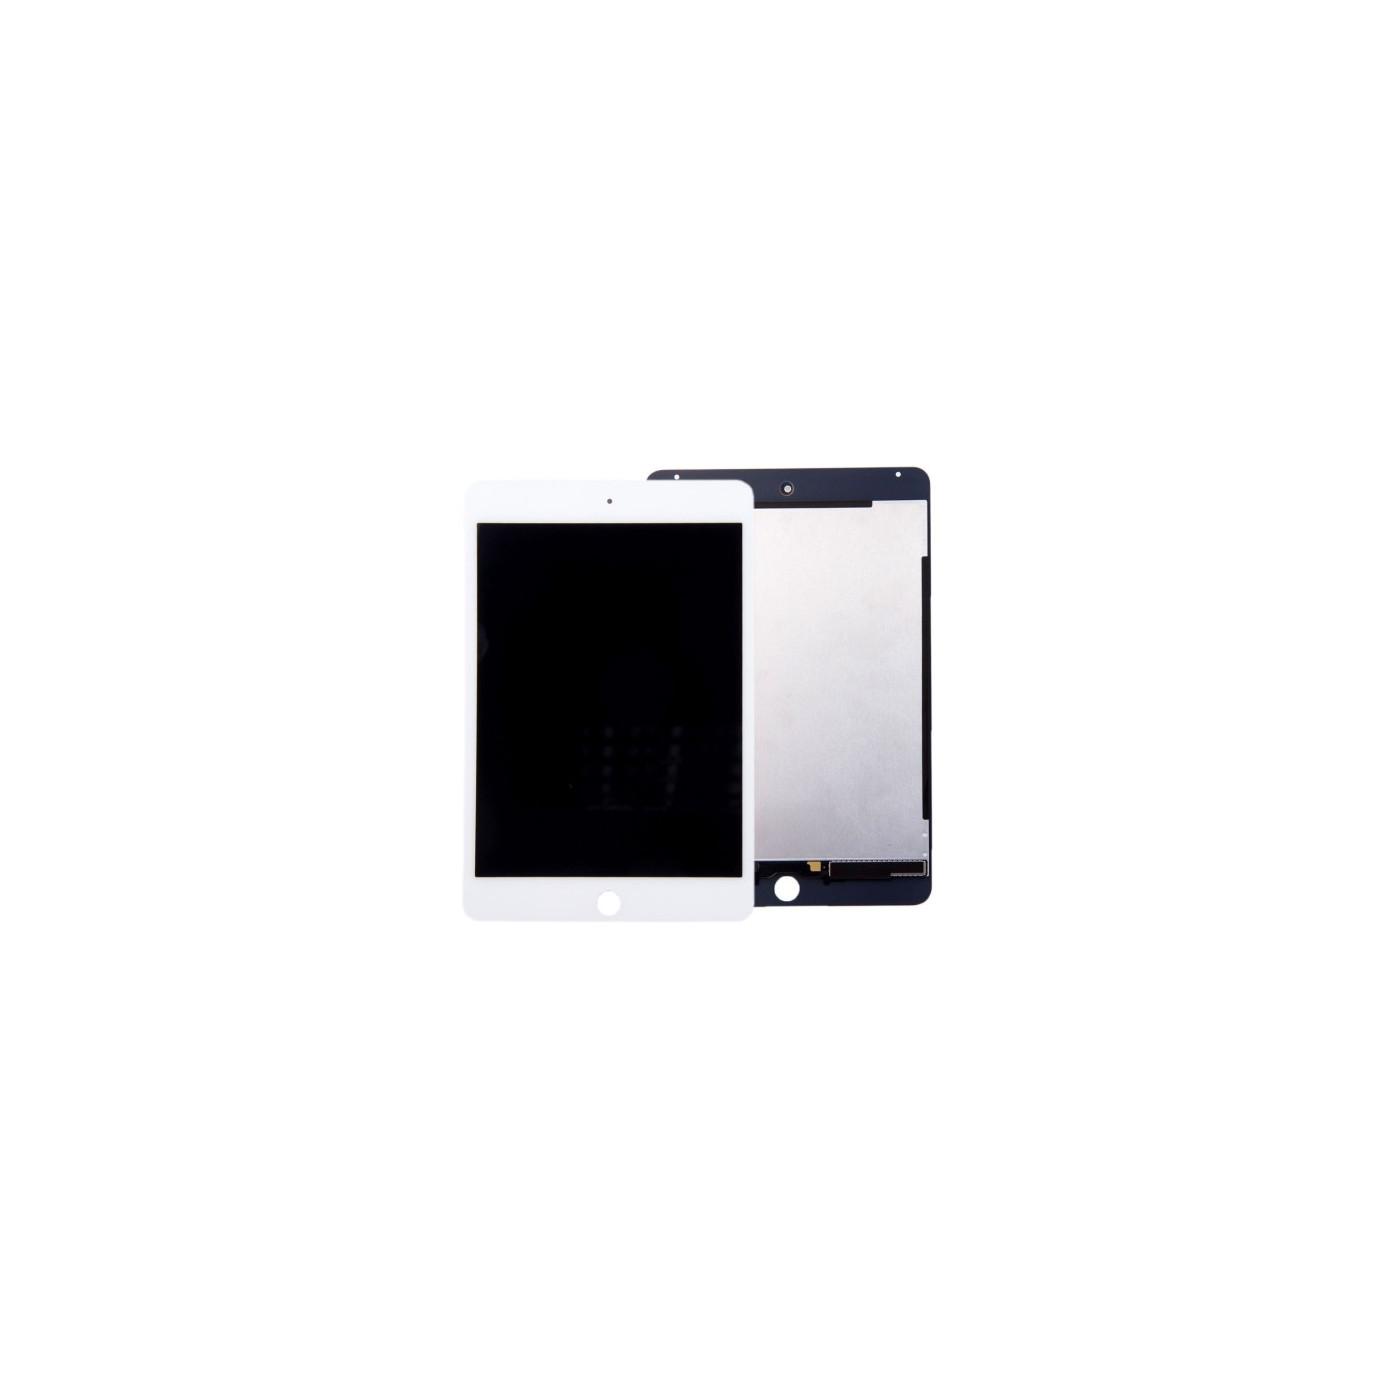 Anzeige LCD + Touchscreen für Apple iPad Mini 4 Weiß Ersatz